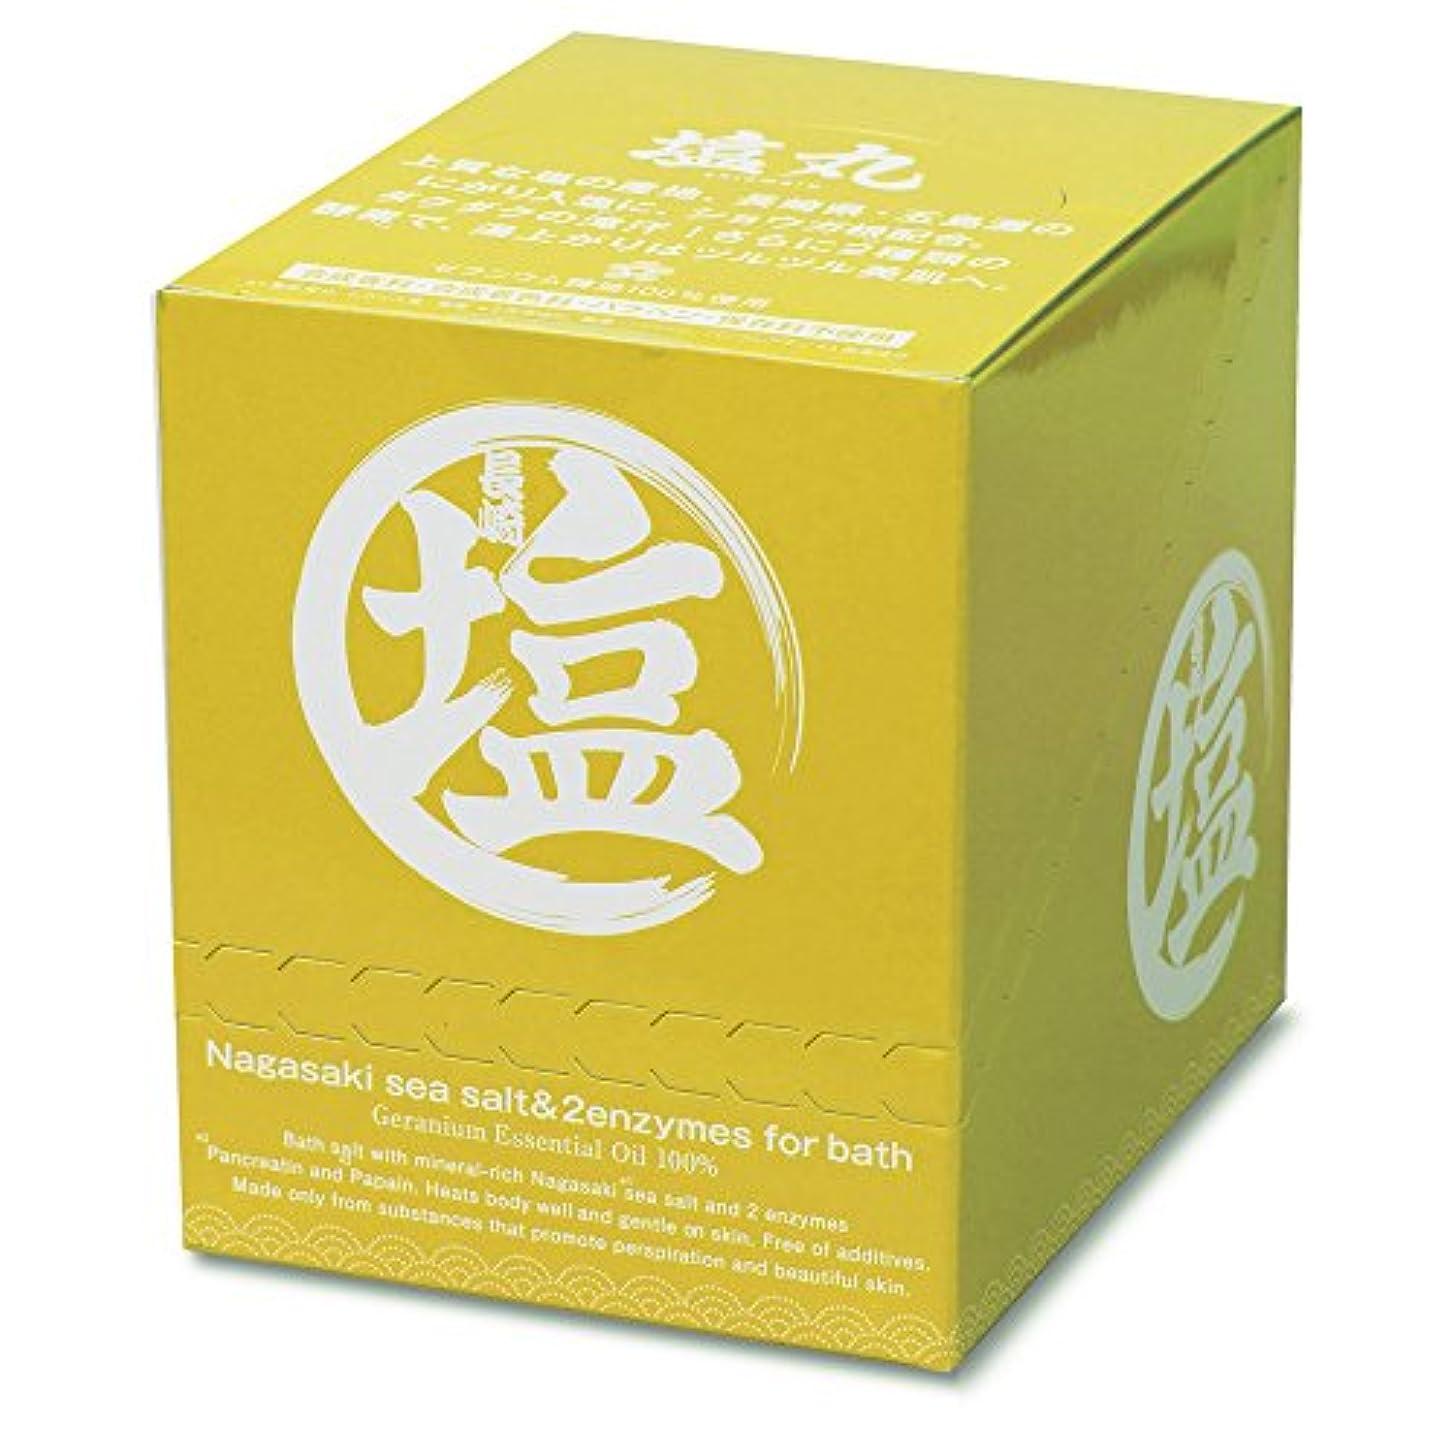 ドット逆さまにご意見(塩丸)長崎産にがり入海塩入浴剤(40g×12包入)イランイラン精油/合成香料・合成着色料・保存料不使用